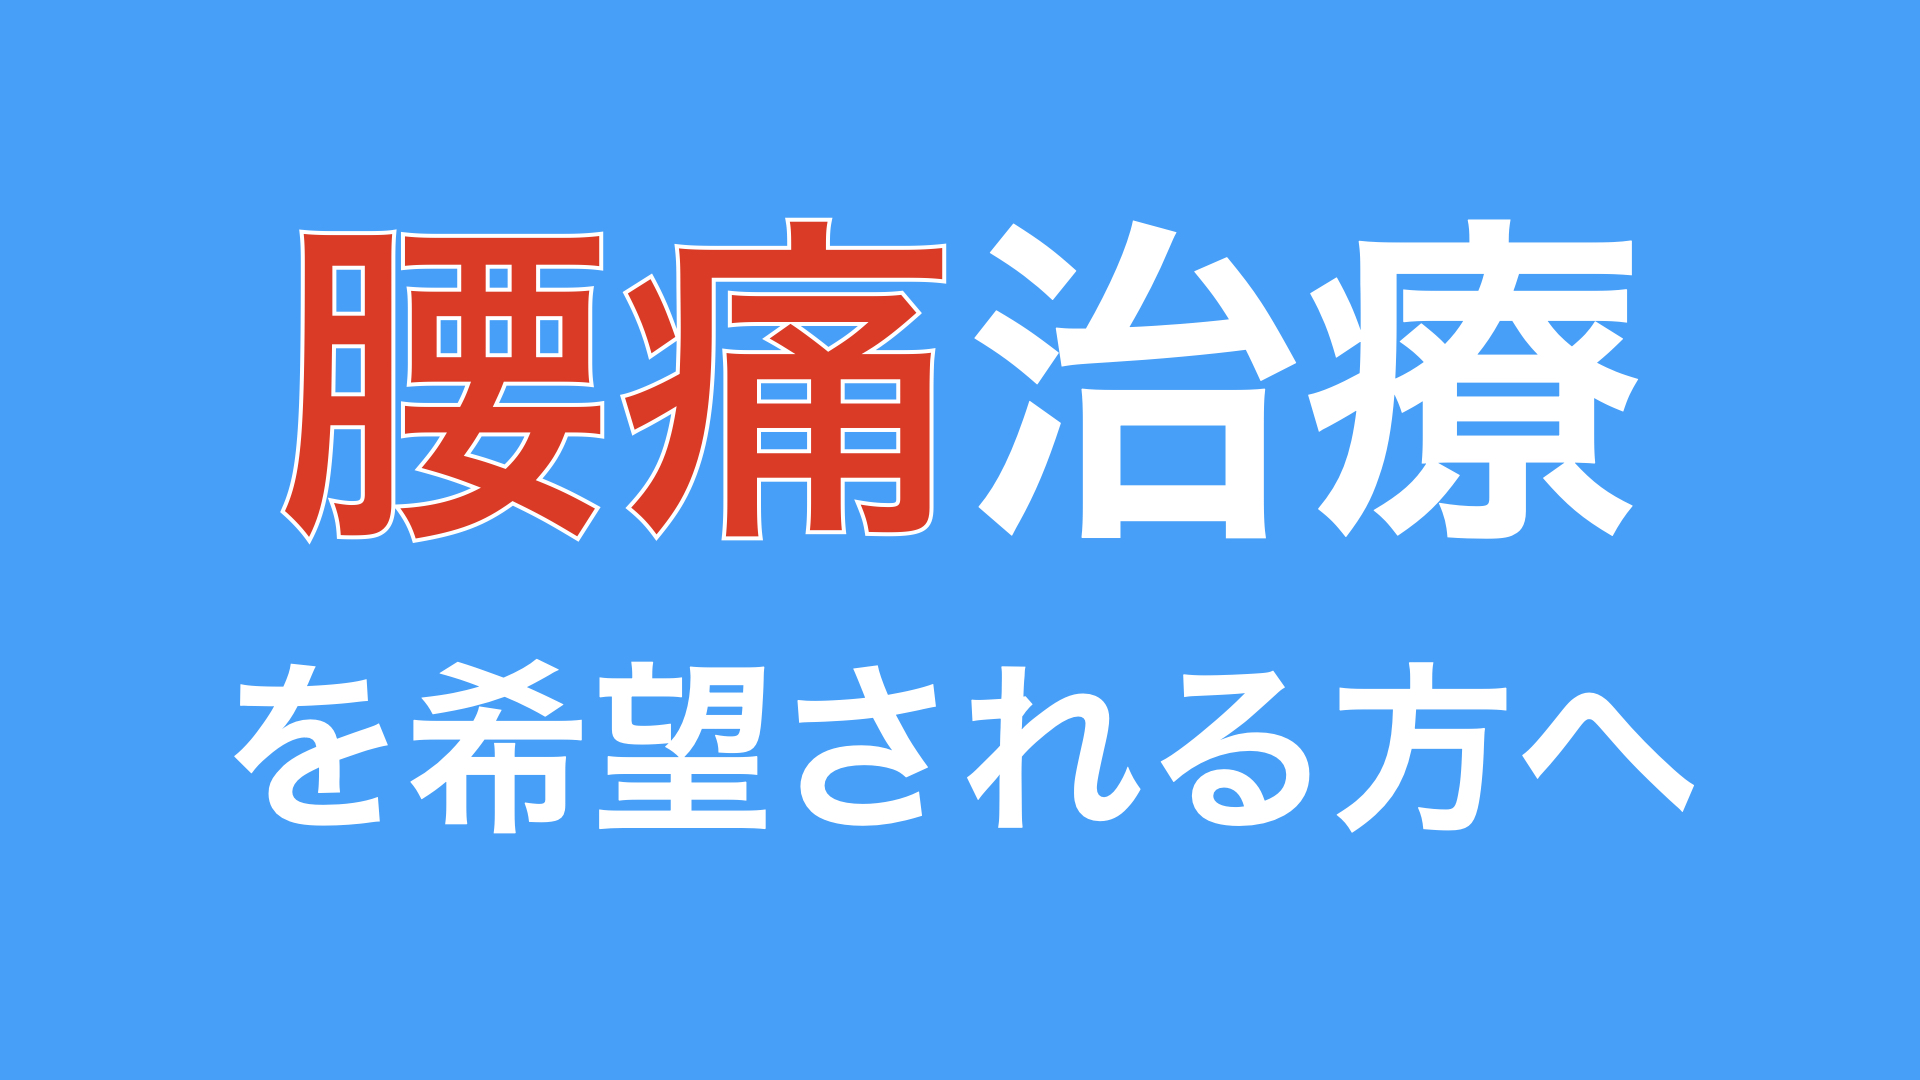 腰痛治療を希望される方へ【佐野市バースデーカイロプラクティック腰痛施術紹介】